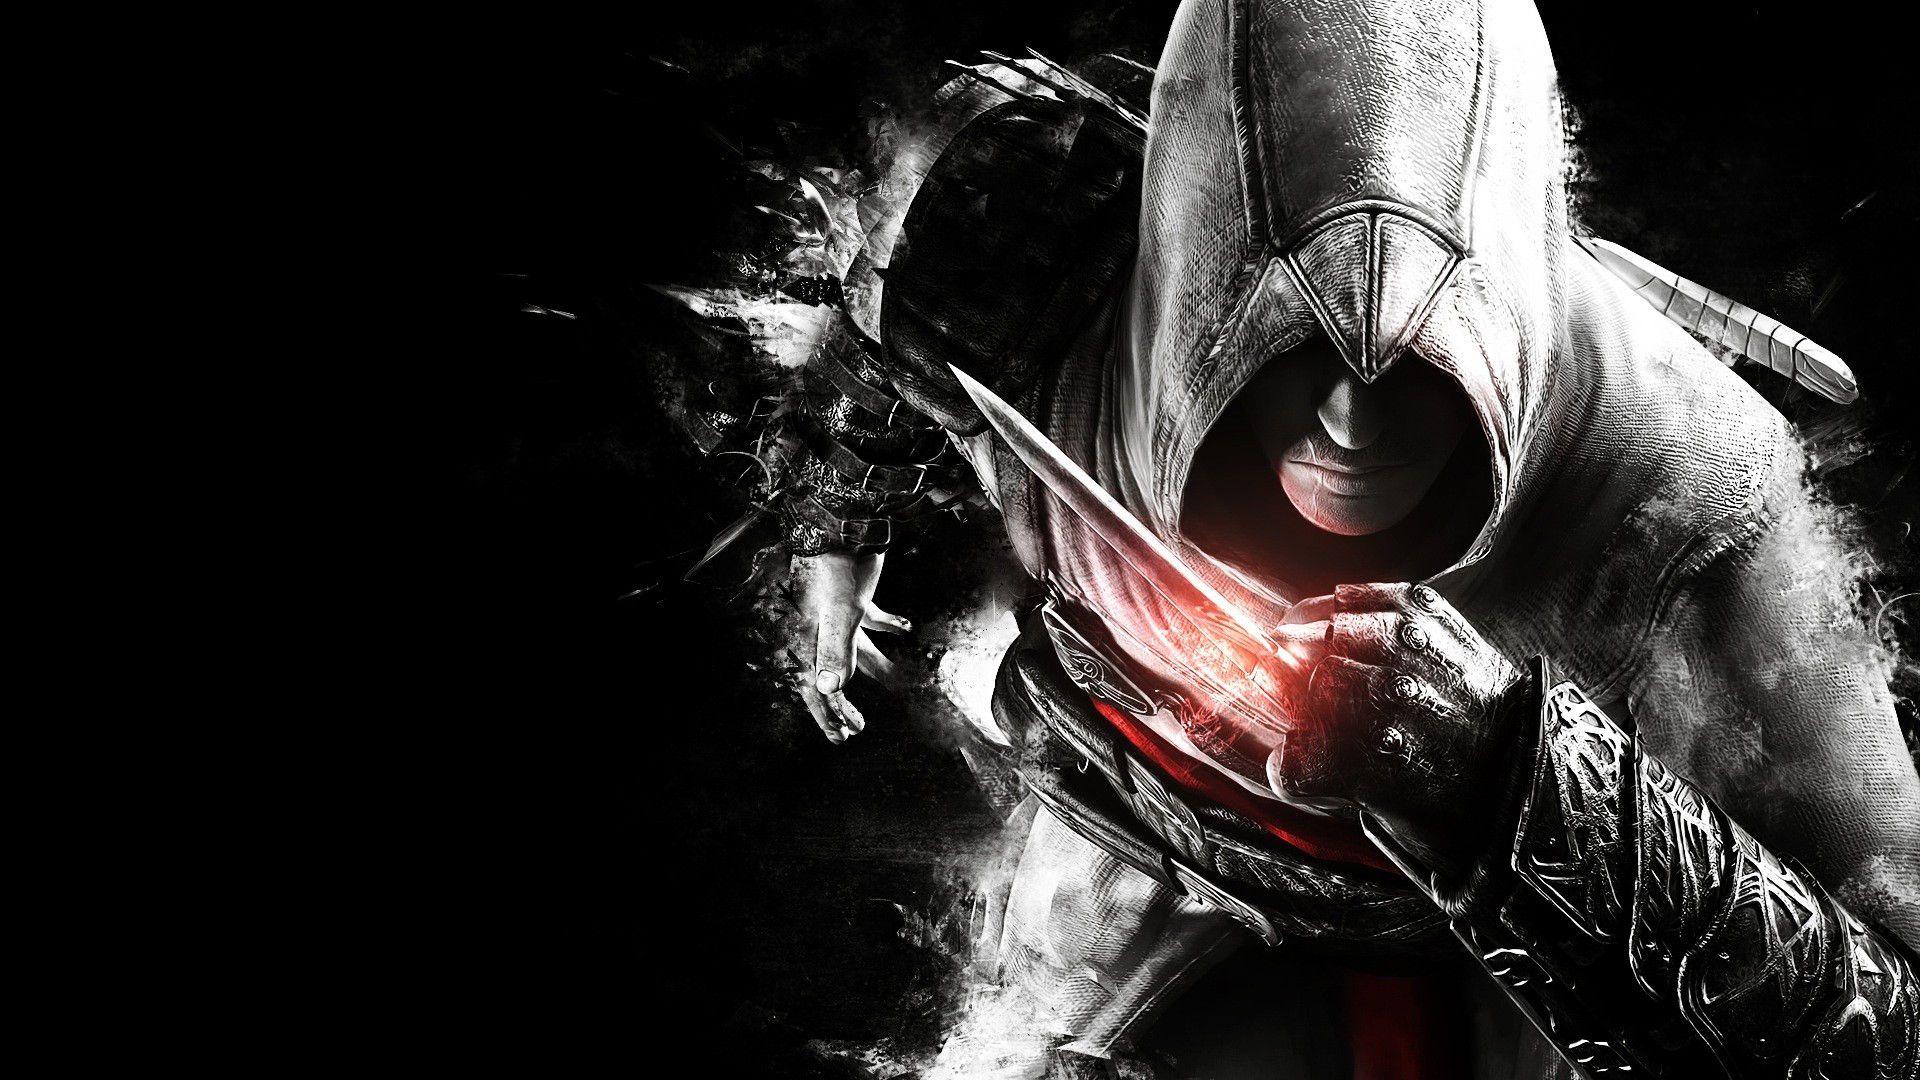 Assassins Creed Artwork 1 Jpg 1920 1080 Assassin S Creed Wallpaper Assassin S Creed Hd Assassins Creed Anime